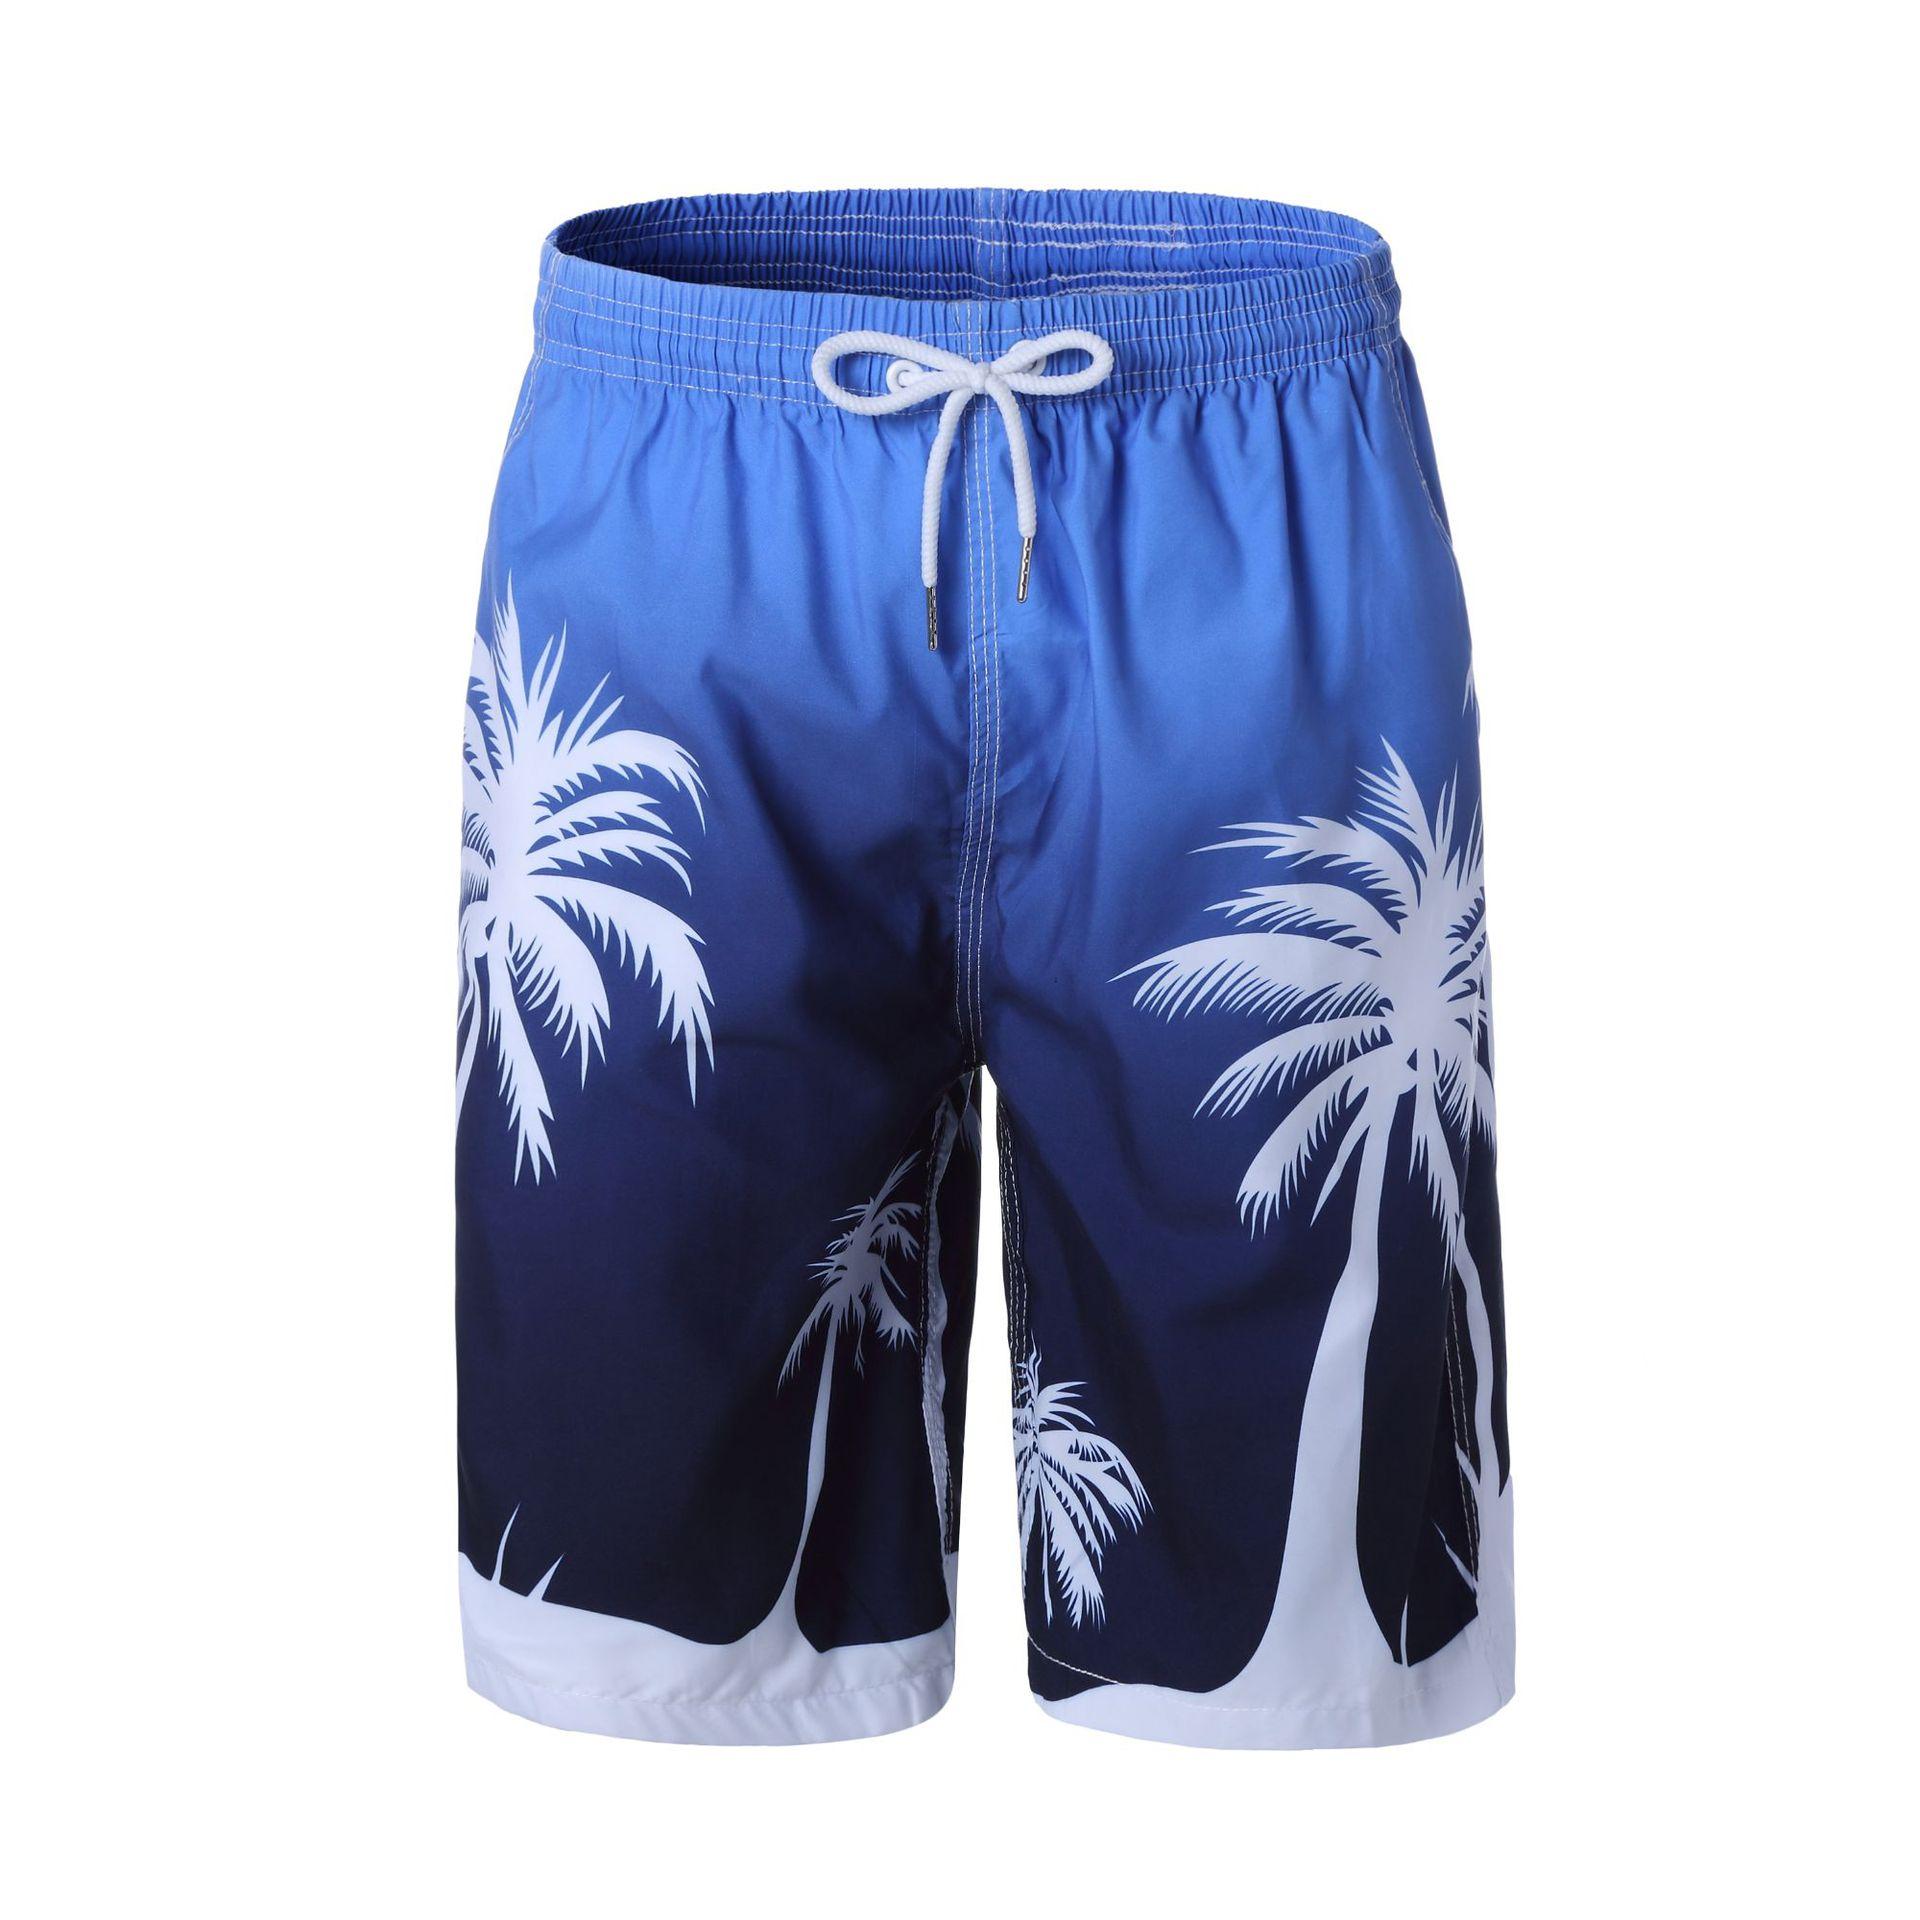 现货大码橡筋沙滩裤 全网格大裤衩 椰树图案跨境热销沙滩衣套装